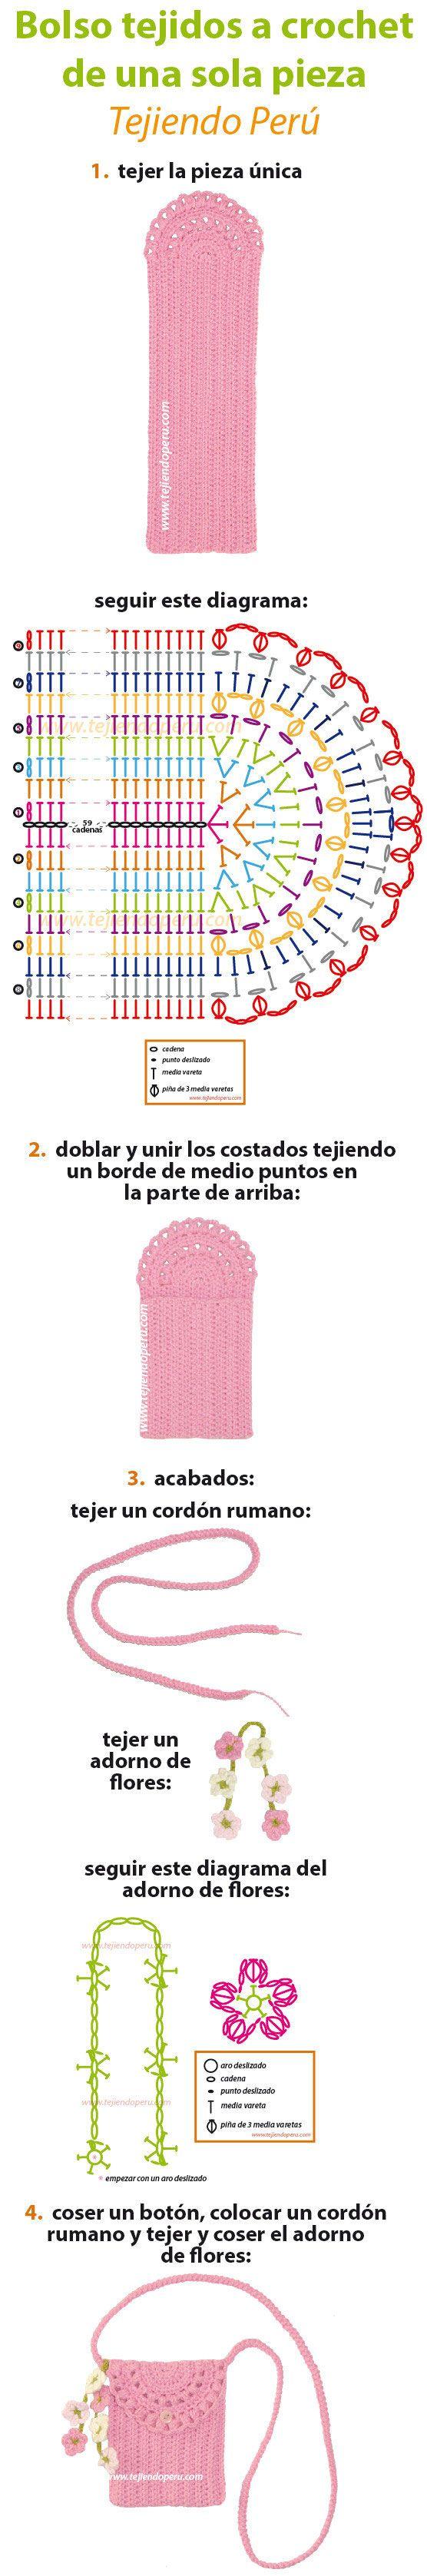 Monedero o bolsito tejido a crochet de una sola pieza (1 piece ...